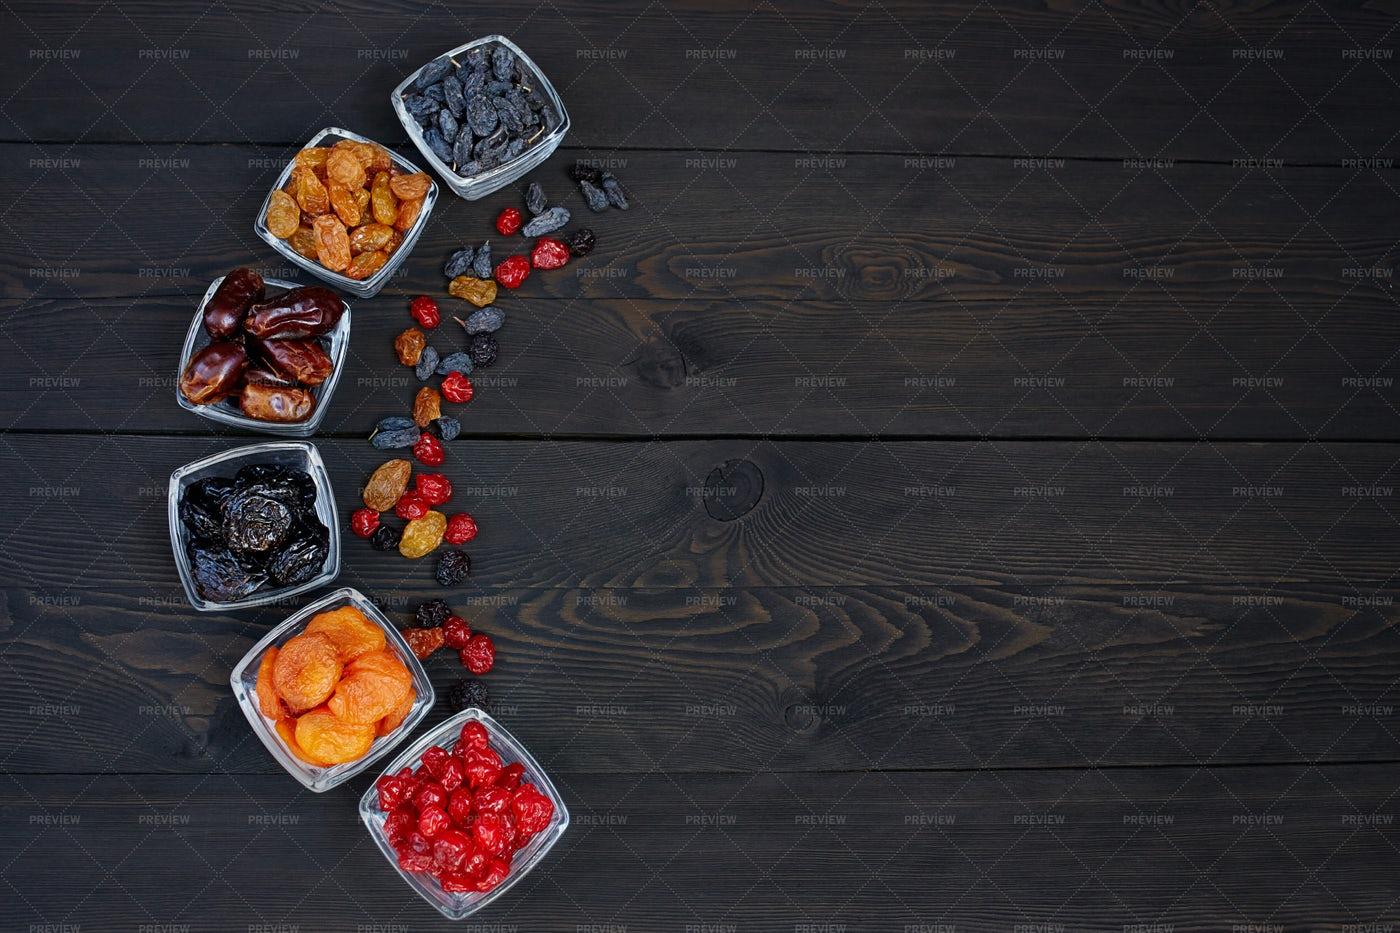 Prunes, Raisins And Dates: Stock Photos